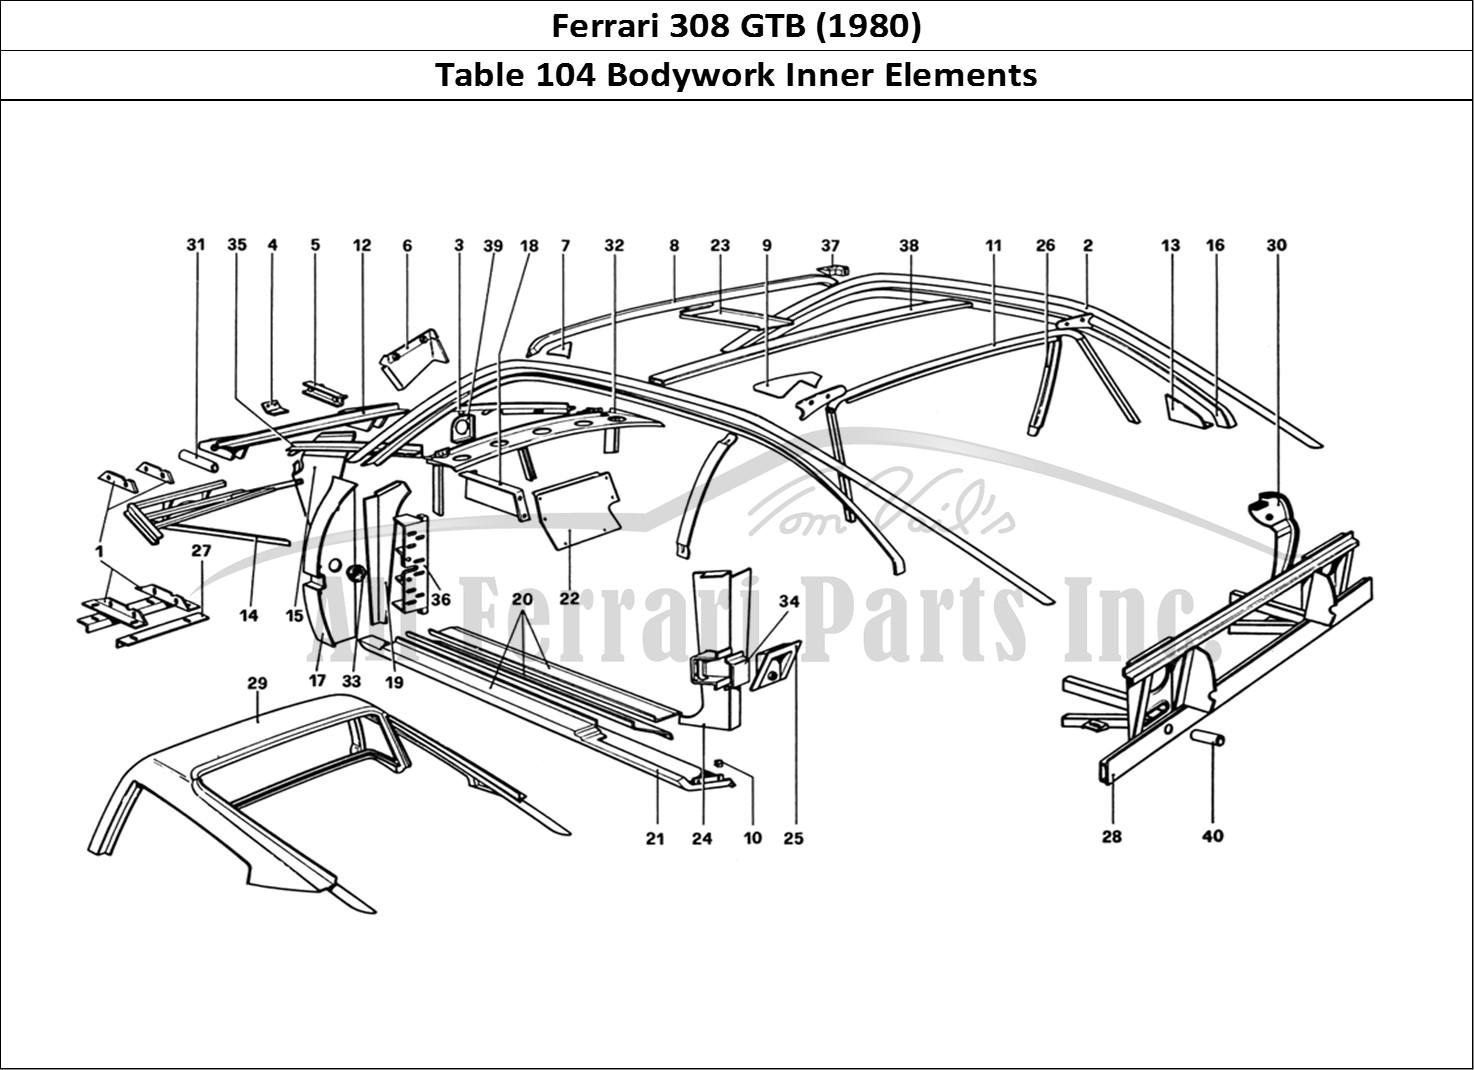 Buy original Ferrari 308 GTB (1980) 104 Bodywork Inner